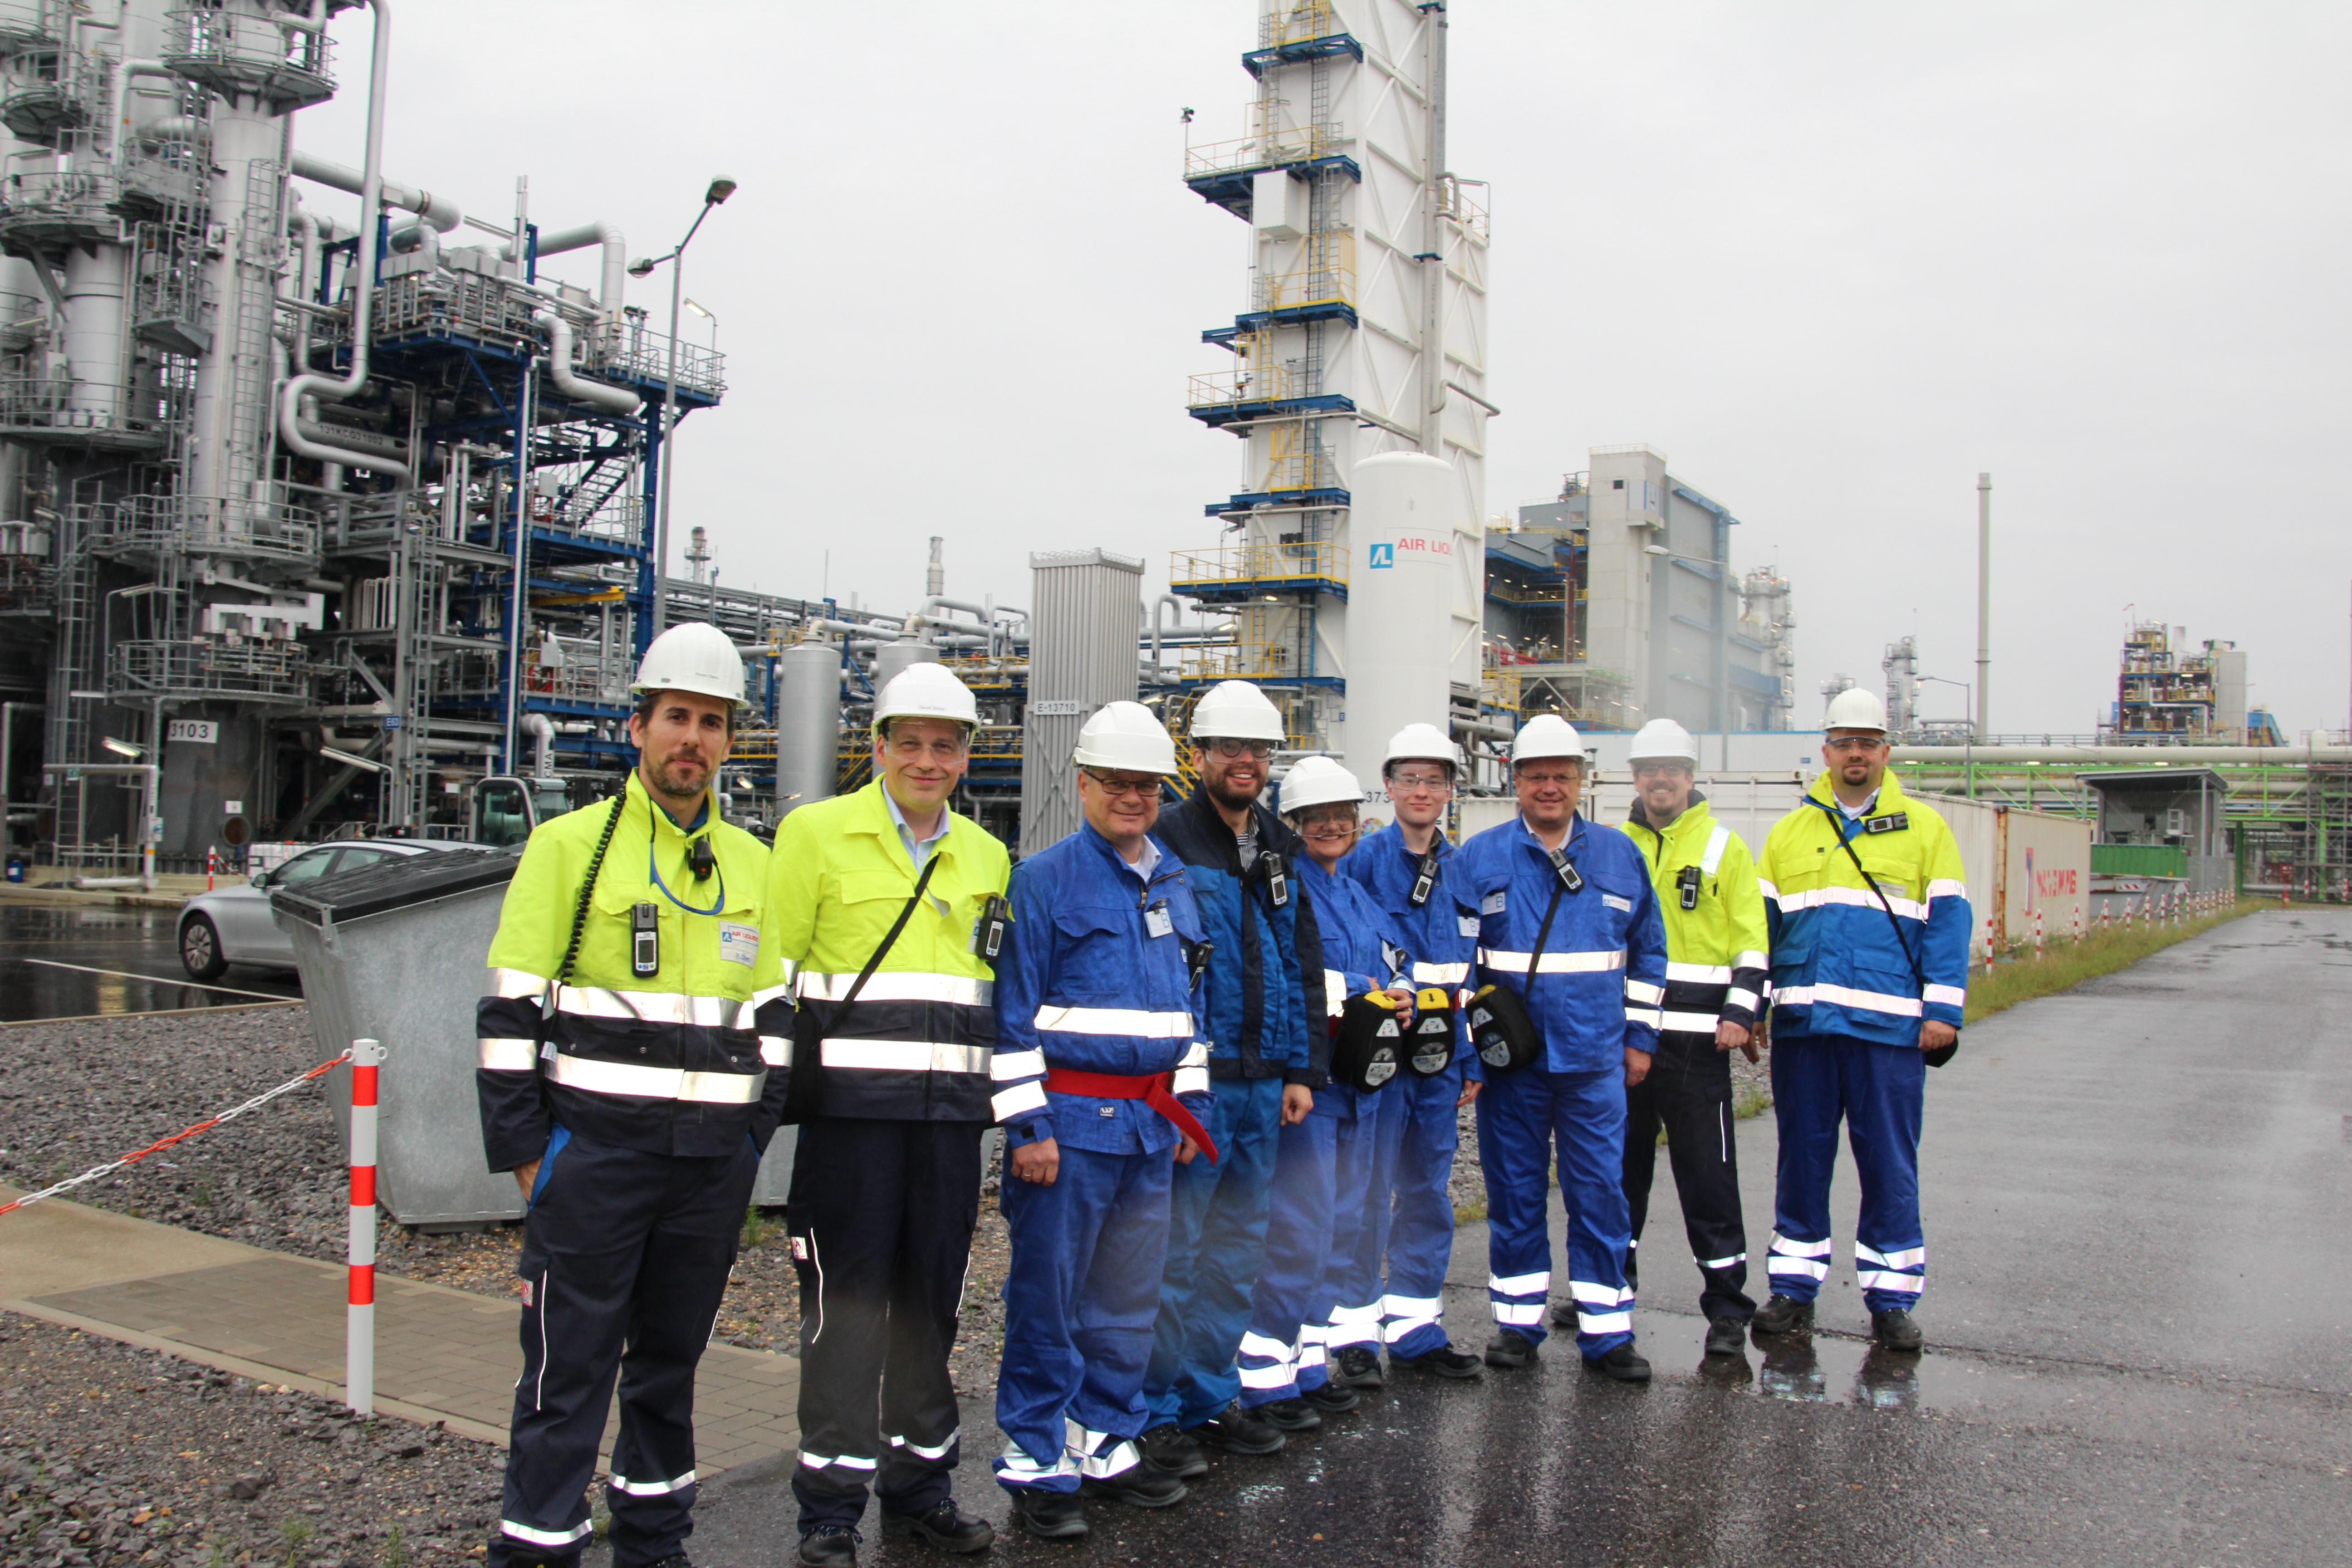 """Besichtigung des Chemparks Dormagen: """"Wasserstoff bietet große Chancen für die Energiewende und für saubere Luft in unseren Städten!"""""""